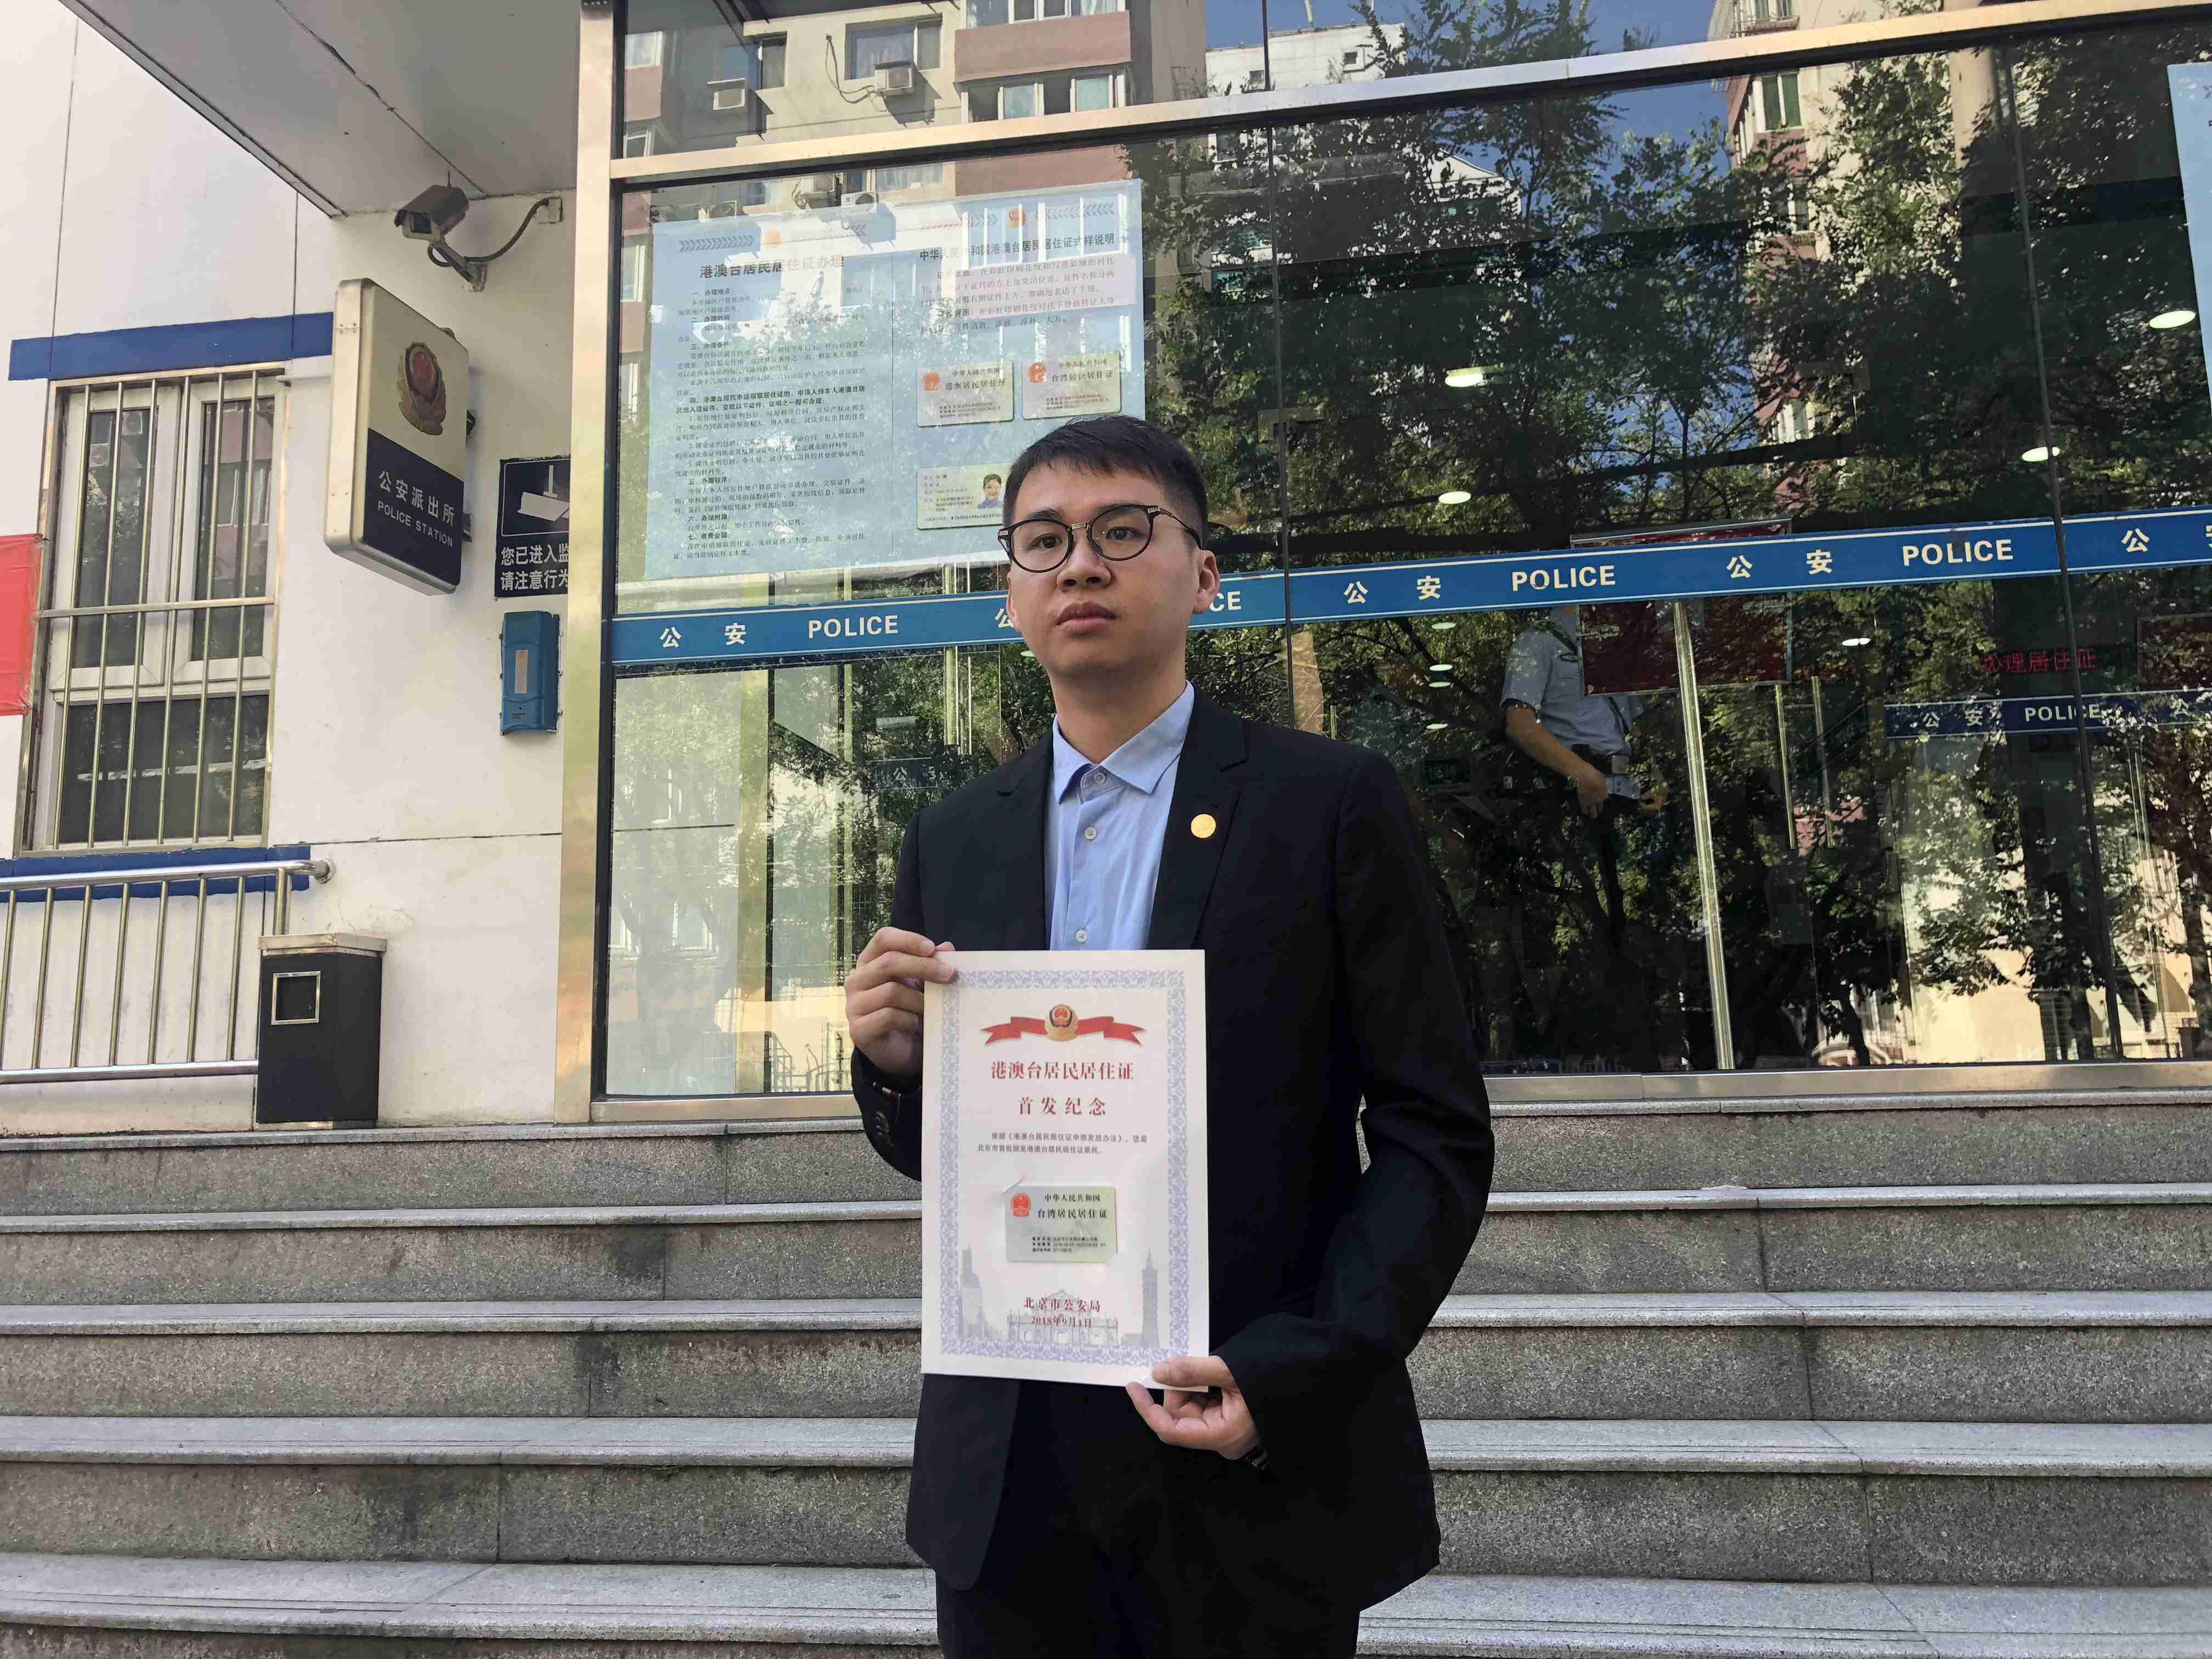 北京举行港澳台居民居住证首发式 实现与大陆居民无差别待遇